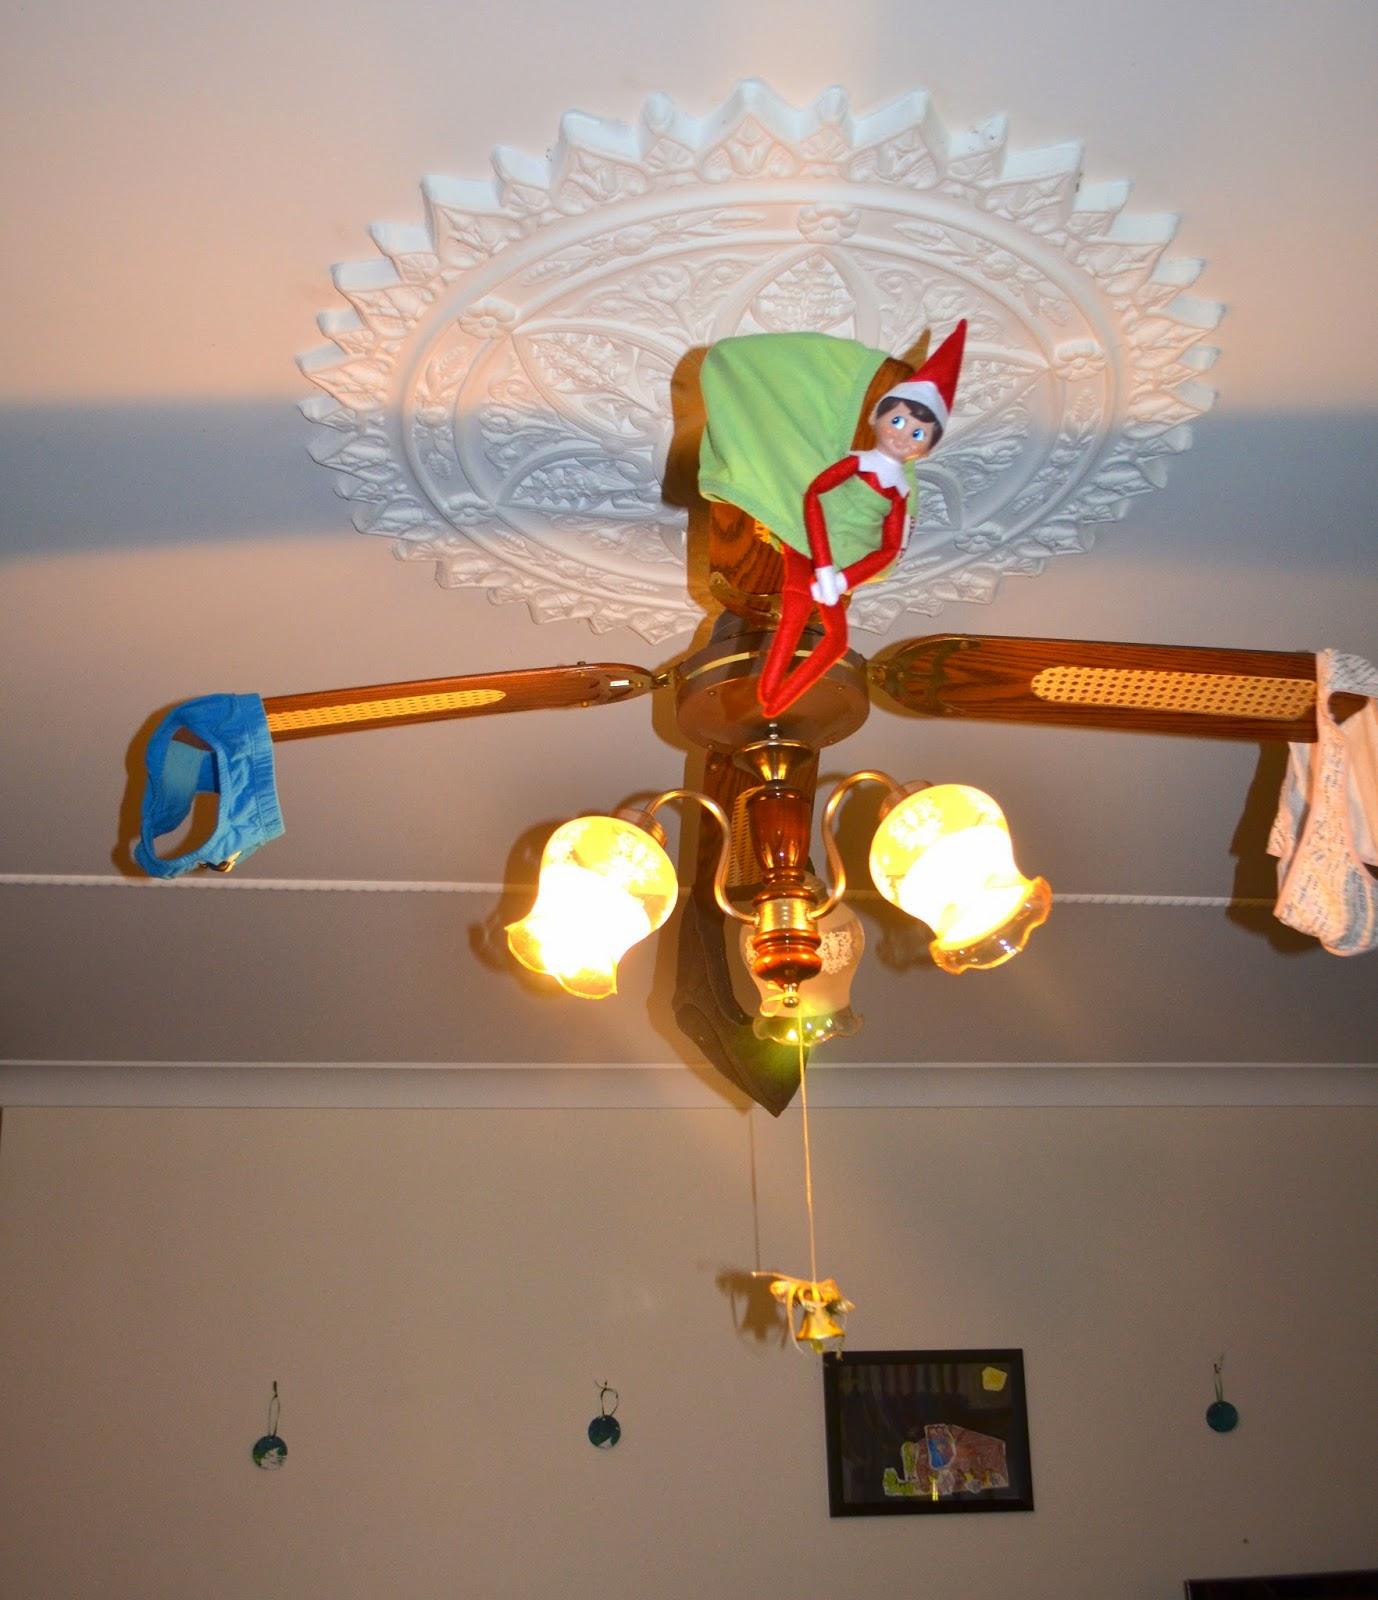 Elf on the shelf on a ceiling fan